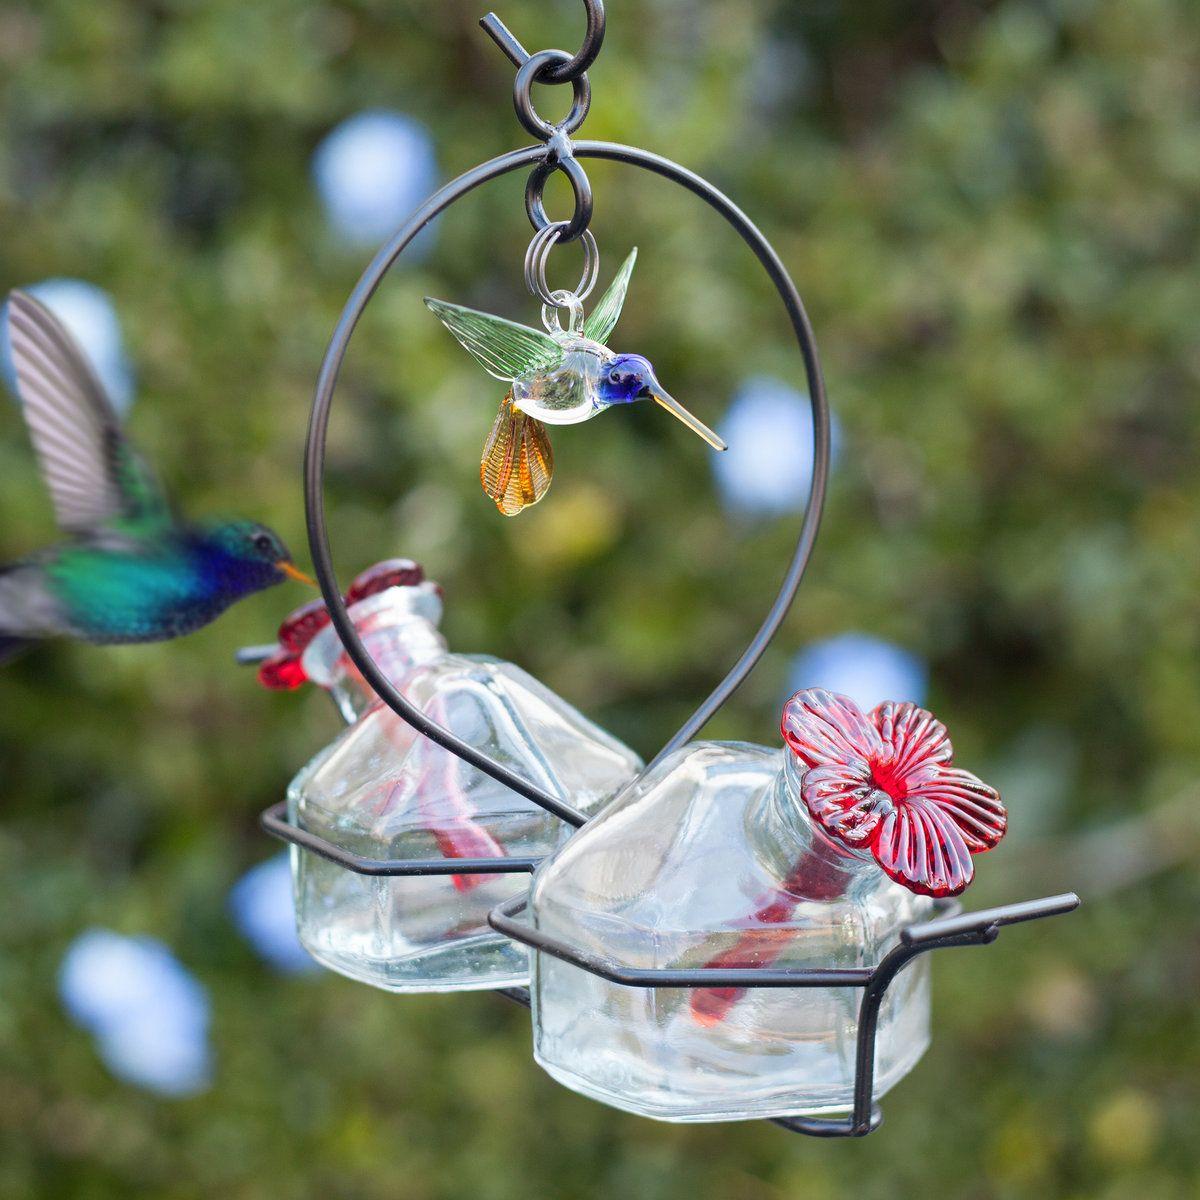 Bouquet 2 Deluxe Glass Hummingbird Feeder Yard Envy Humming Bird Feeders Glass Hummingbird Feeders Bird Feeders